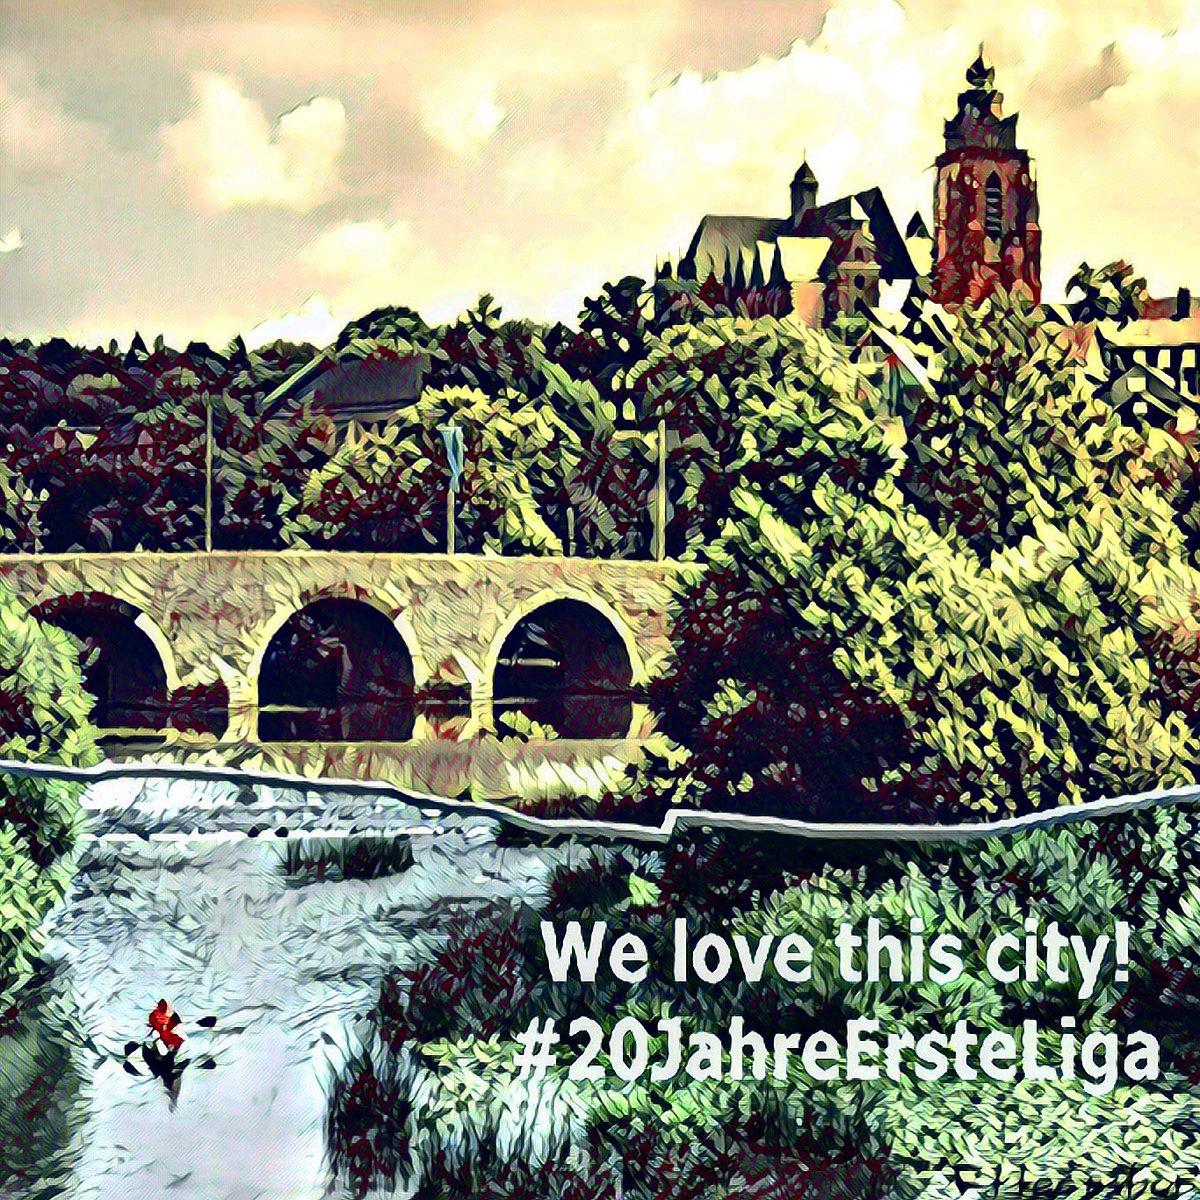 Wir lieben unsere Heimat! #Wetzlar #Handballstadt #20JahreErsteLiga @mittelhessen https://t.co/TnfmV7246v